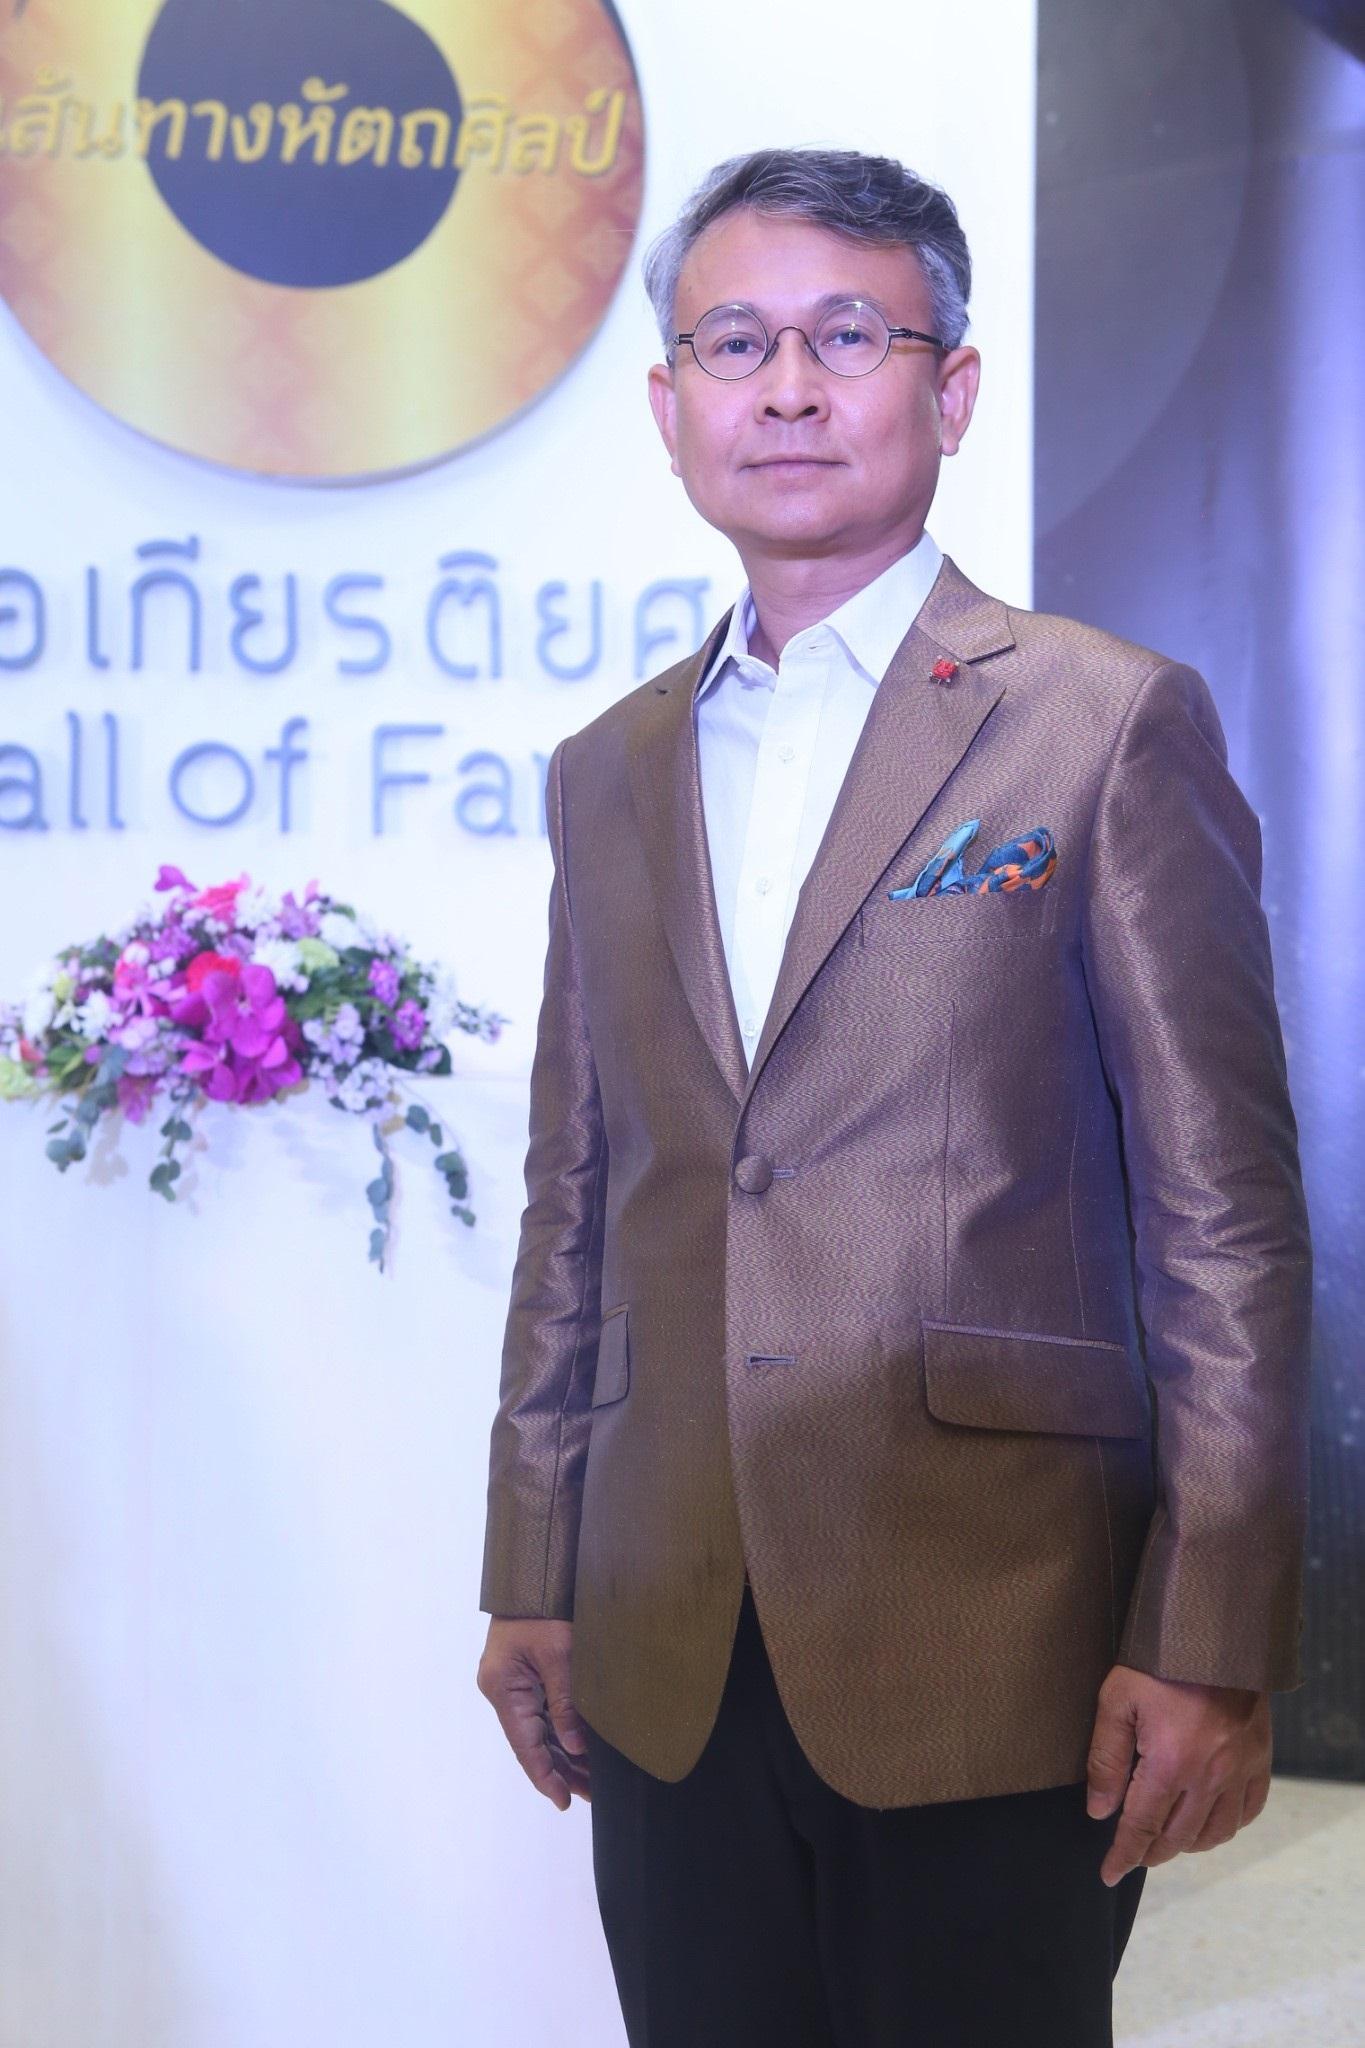 """SACICT นำไทยสู่ """"Arts & Crafts Knowledge Centre"""" แห่งภูมิภาค เปิดตัวระบบ """"SACICT Archive"""" ดันไทยเป็นศูนย์กลาง"""